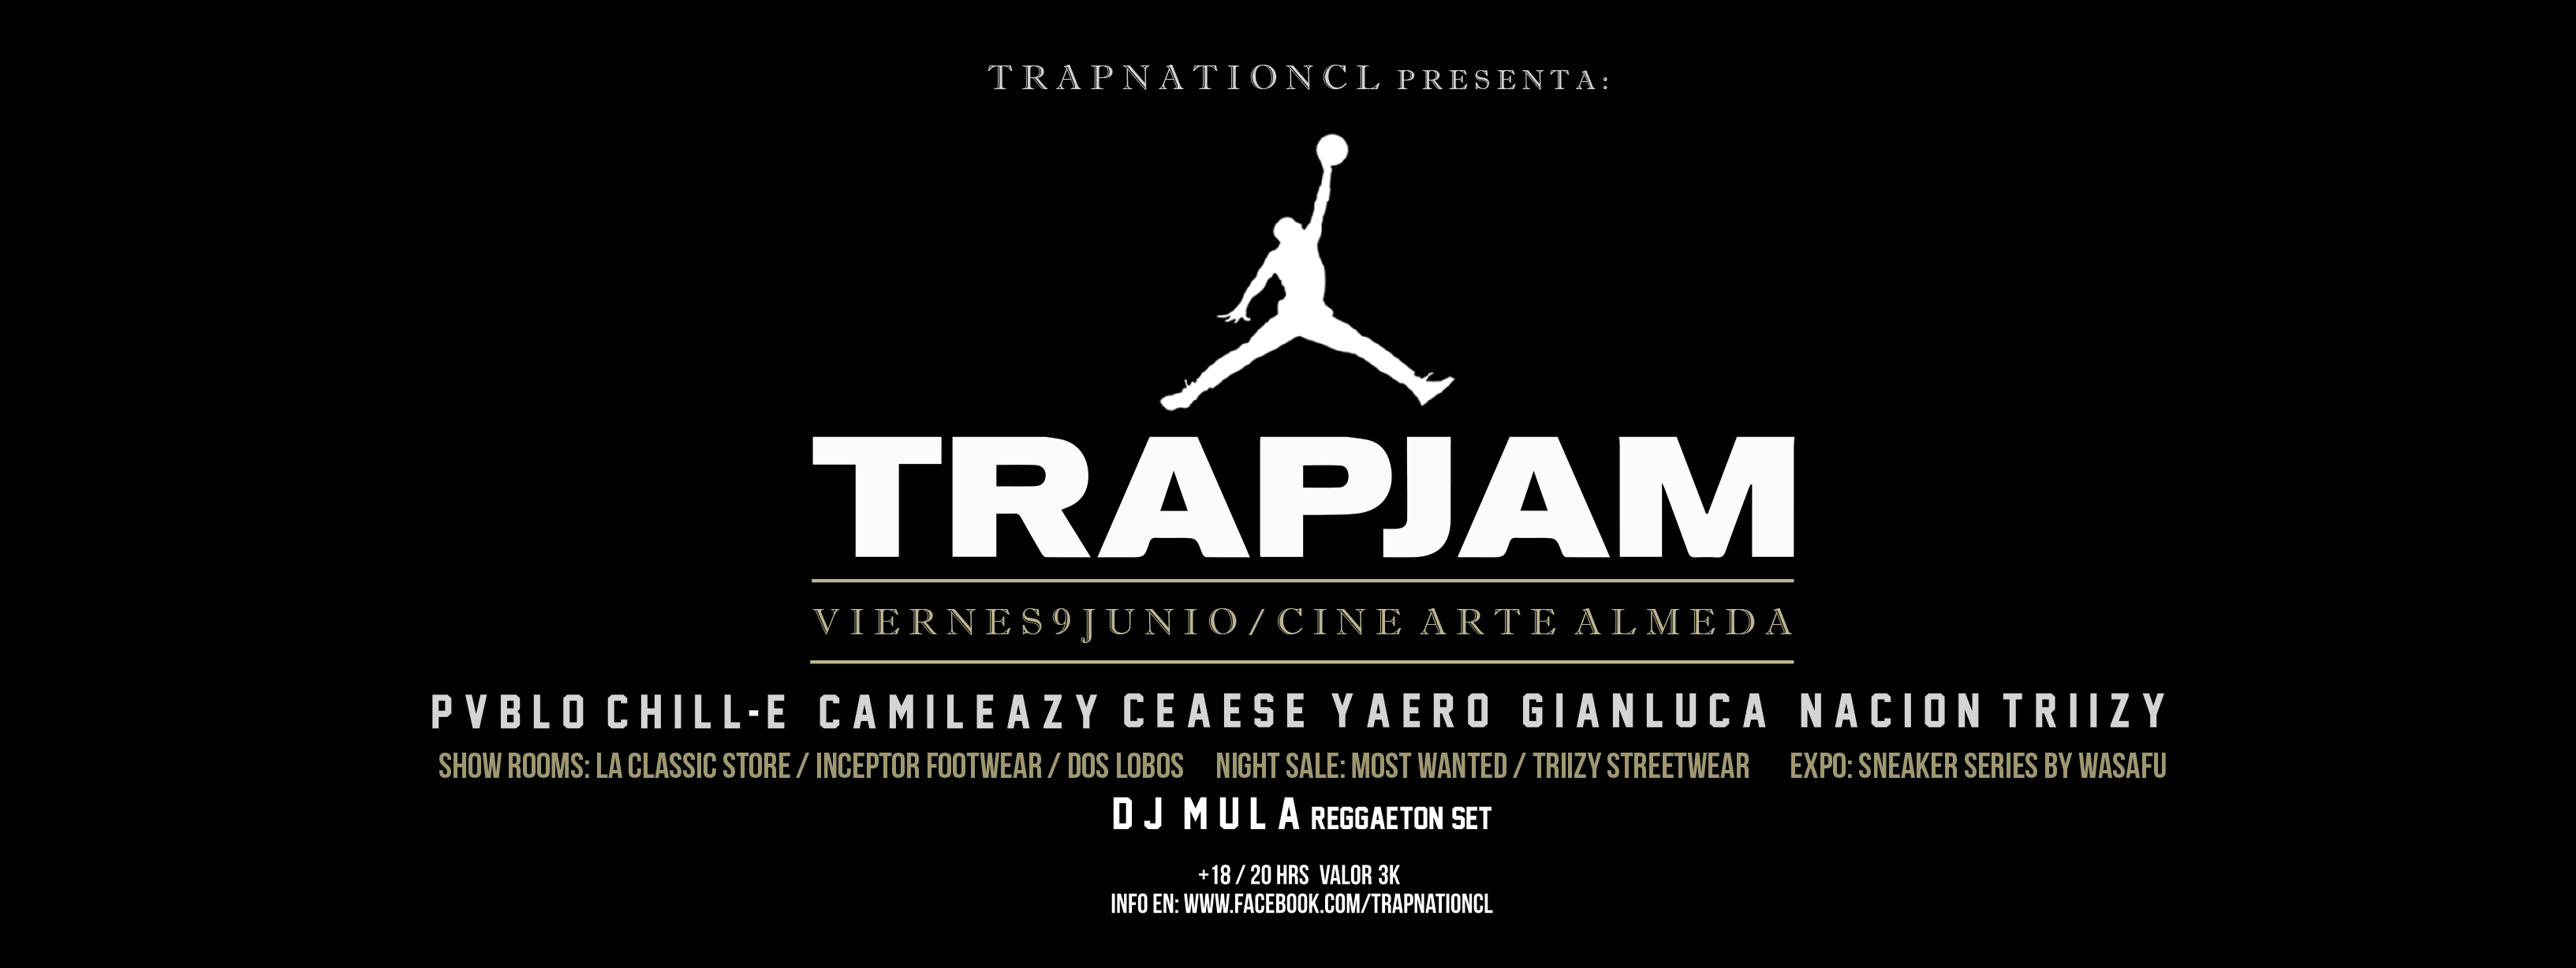 Trapjam banner final